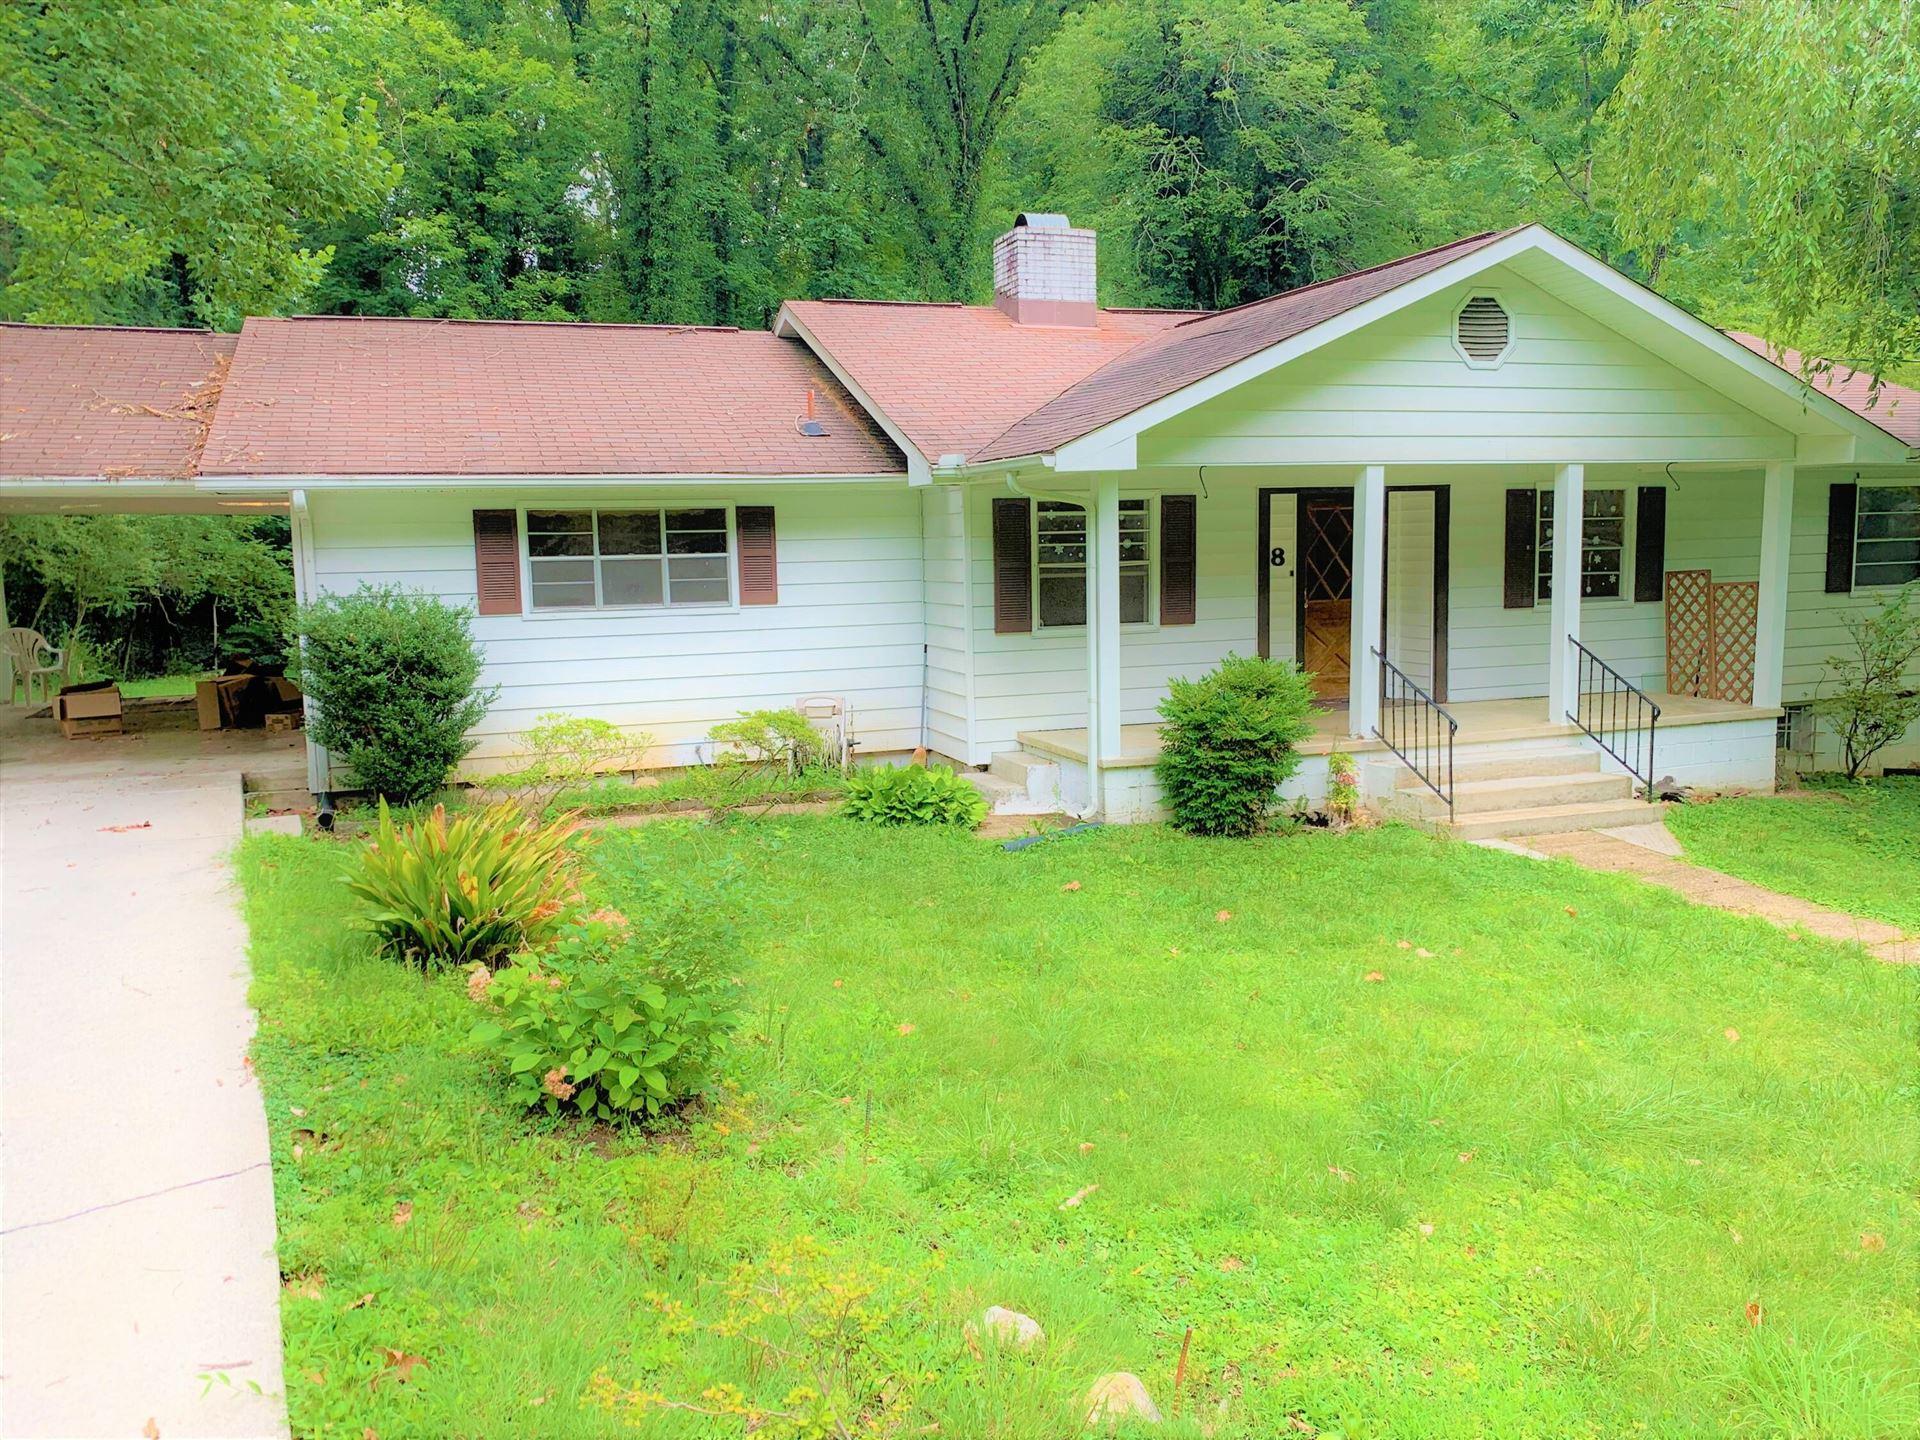 Photo of 118 Taylor Rd, Oak Ridge, TN 37830 (MLS # 1160905)